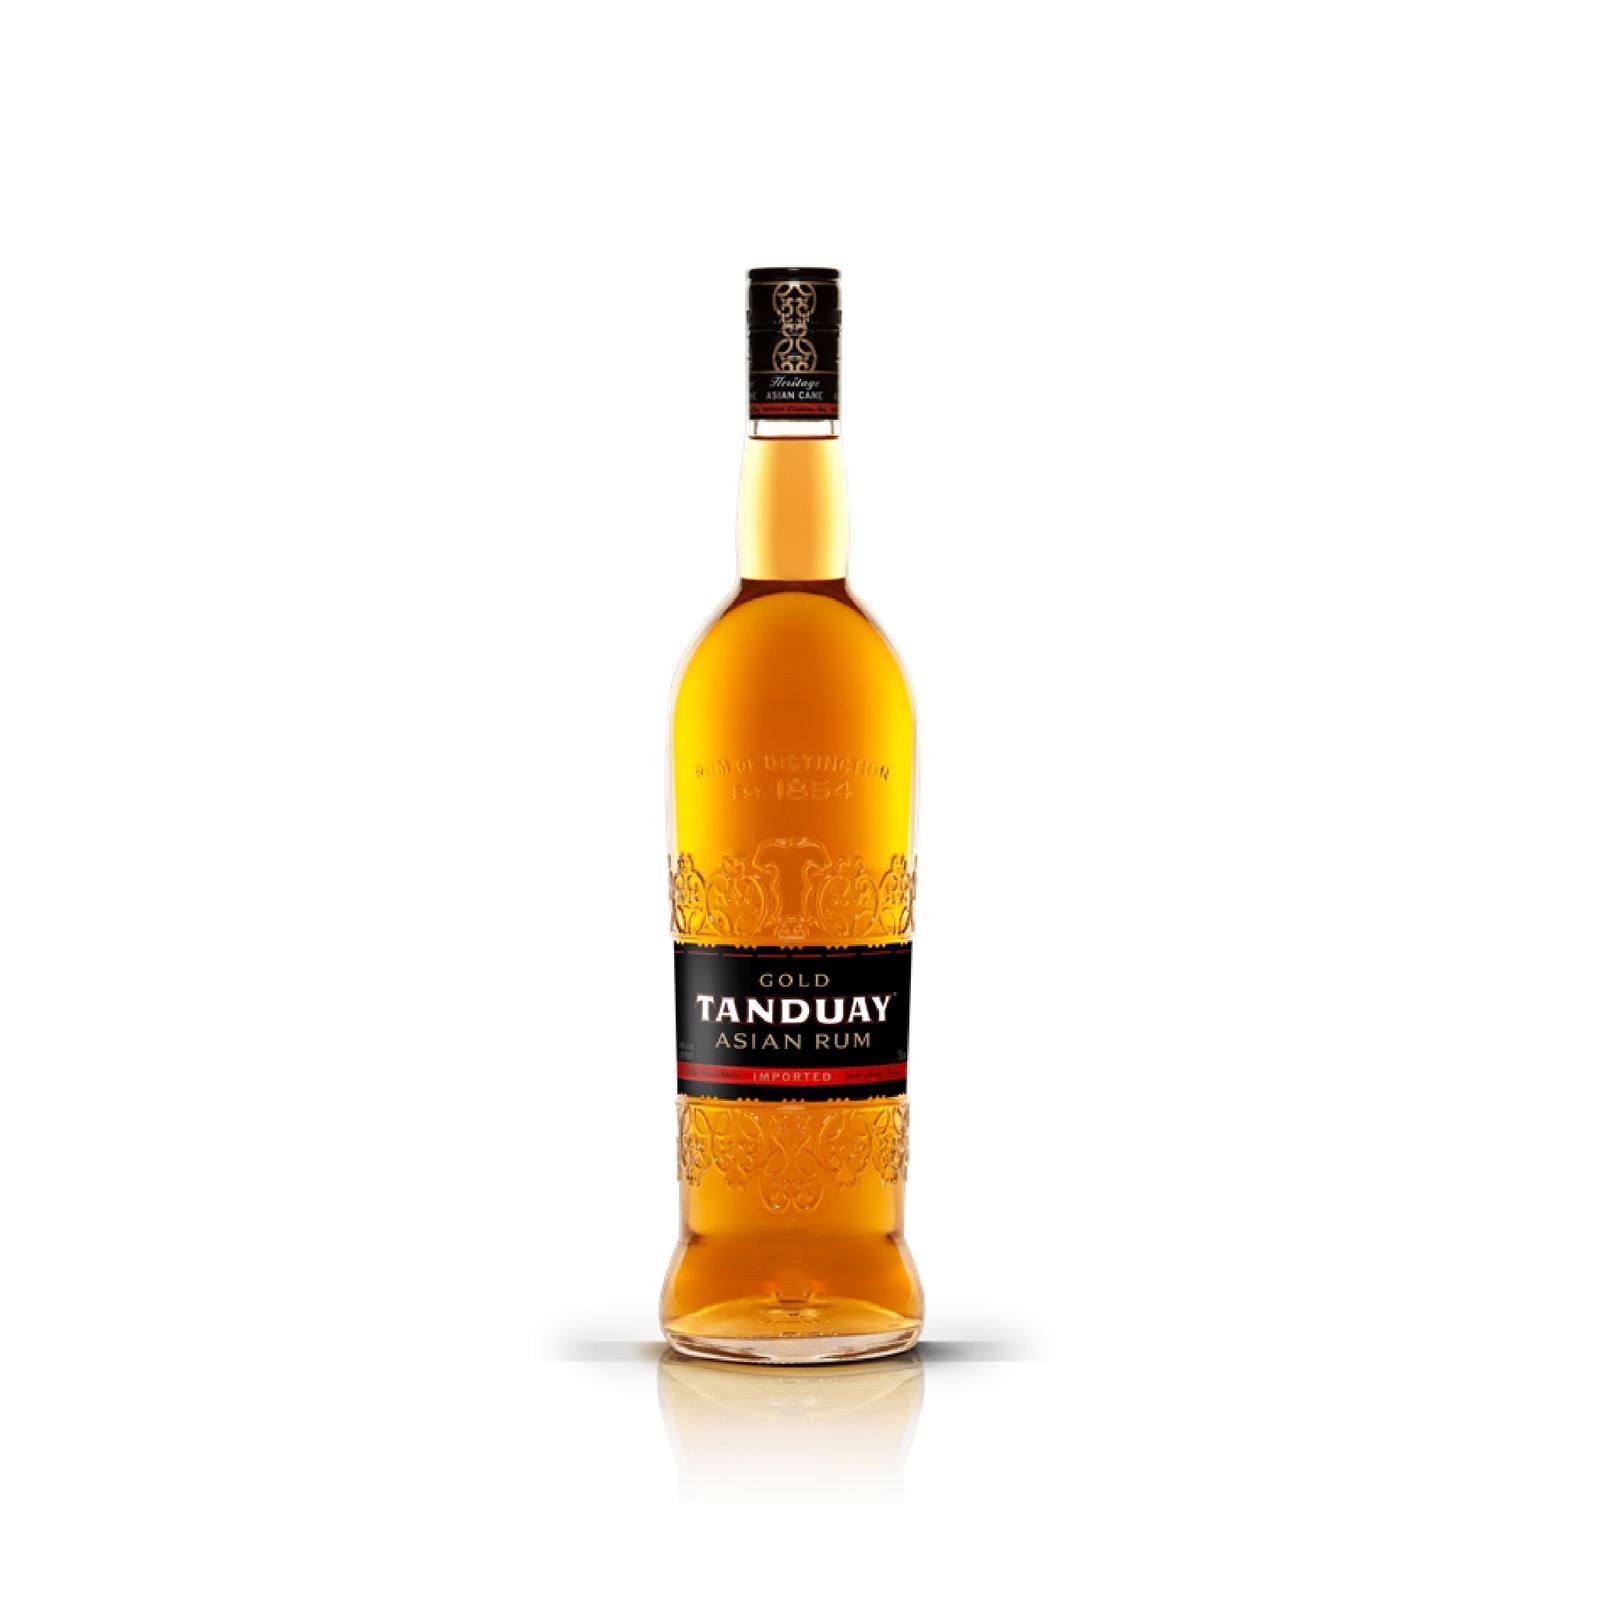 Tanduay 7 Years Gold Asian Rum